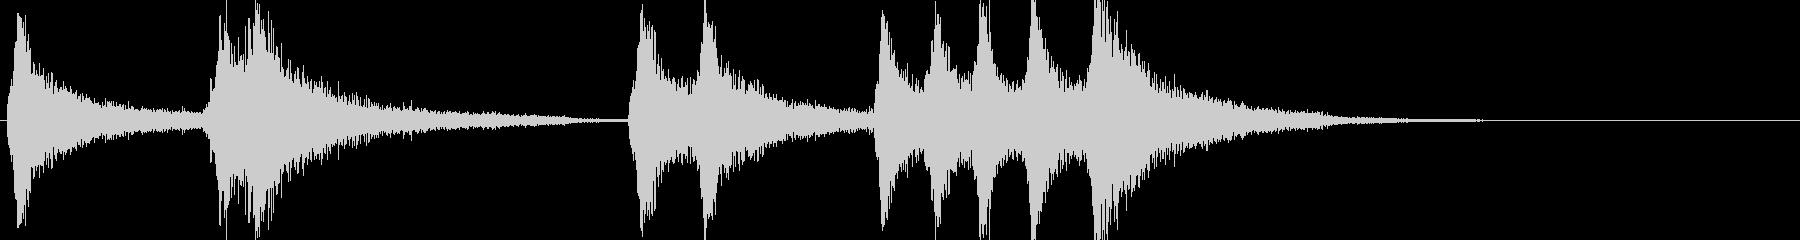 ピアノの不協和音フレーズ(ショックな時)の未再生の波形